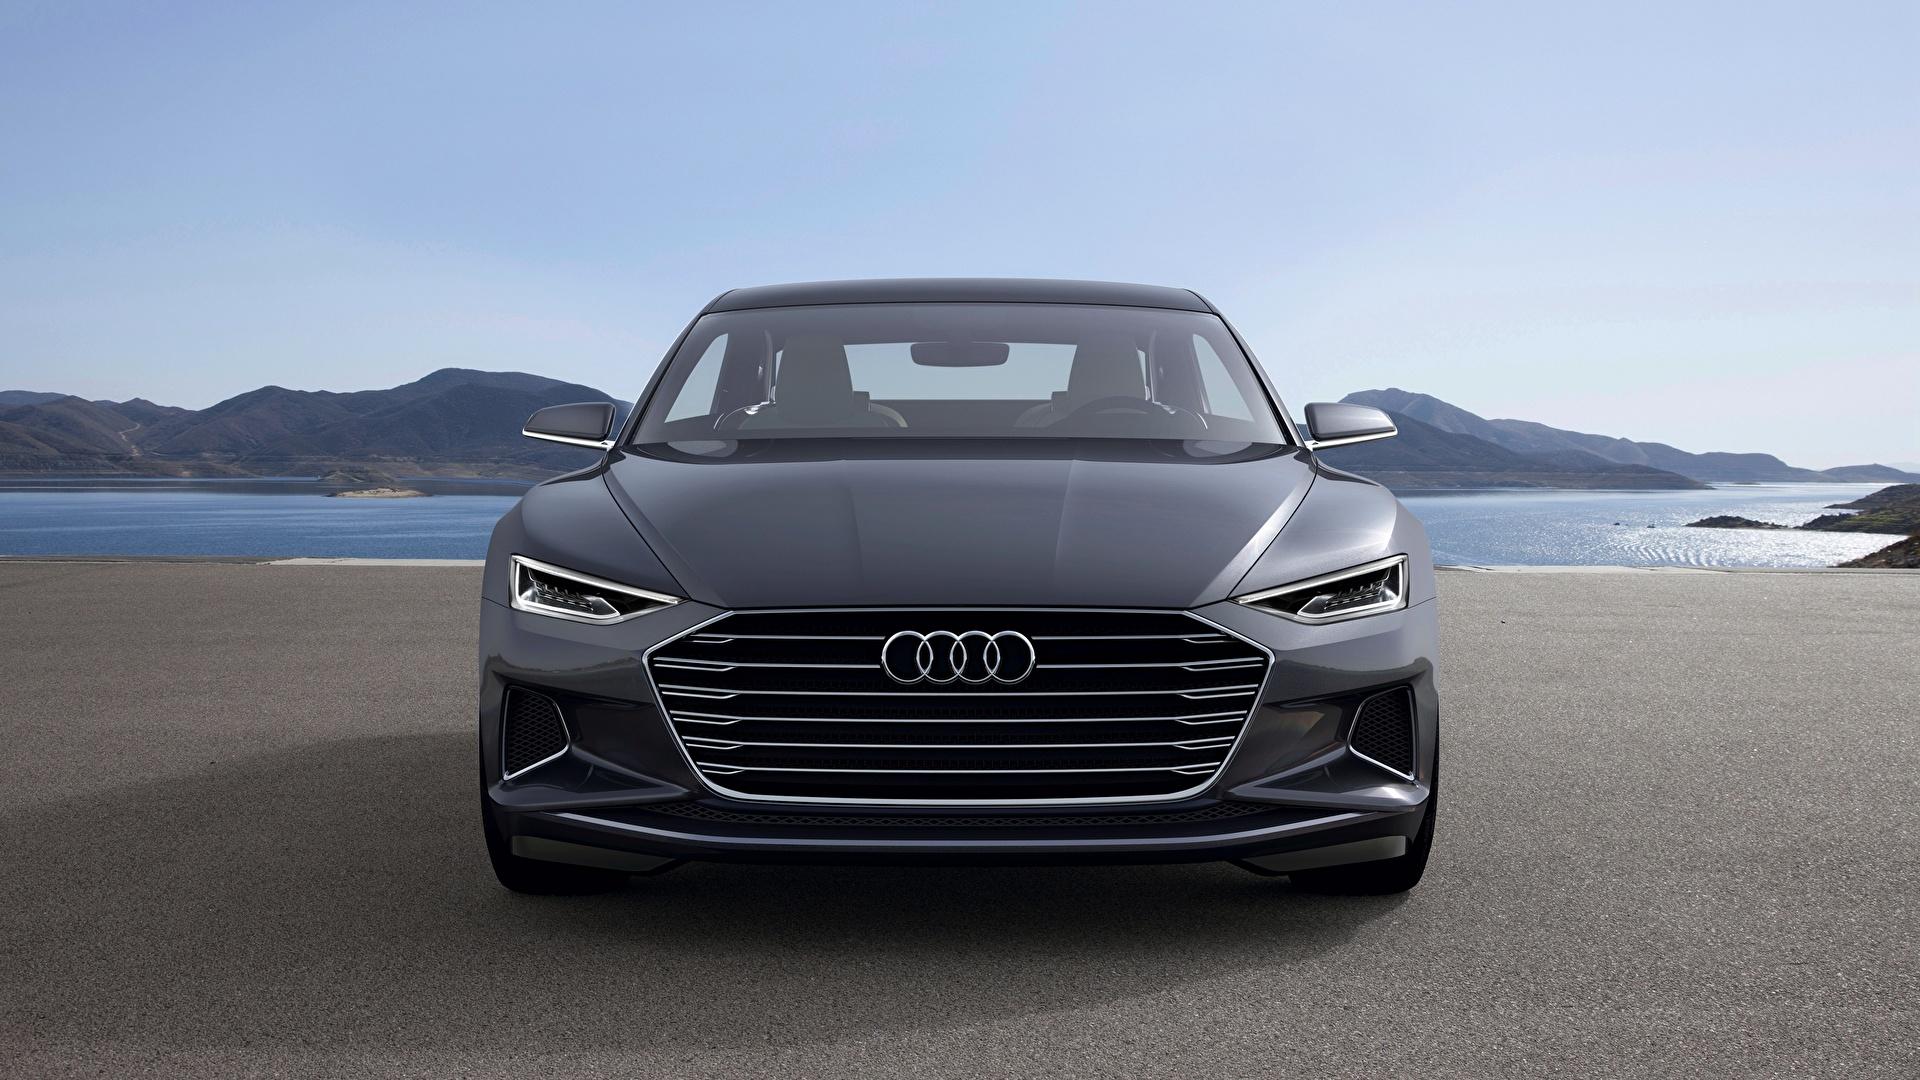 Foto Audi 2014, Prologue, Concept Coupe graues auto Vorne Metallisch 1920x1080 Grau graue Autos automobil